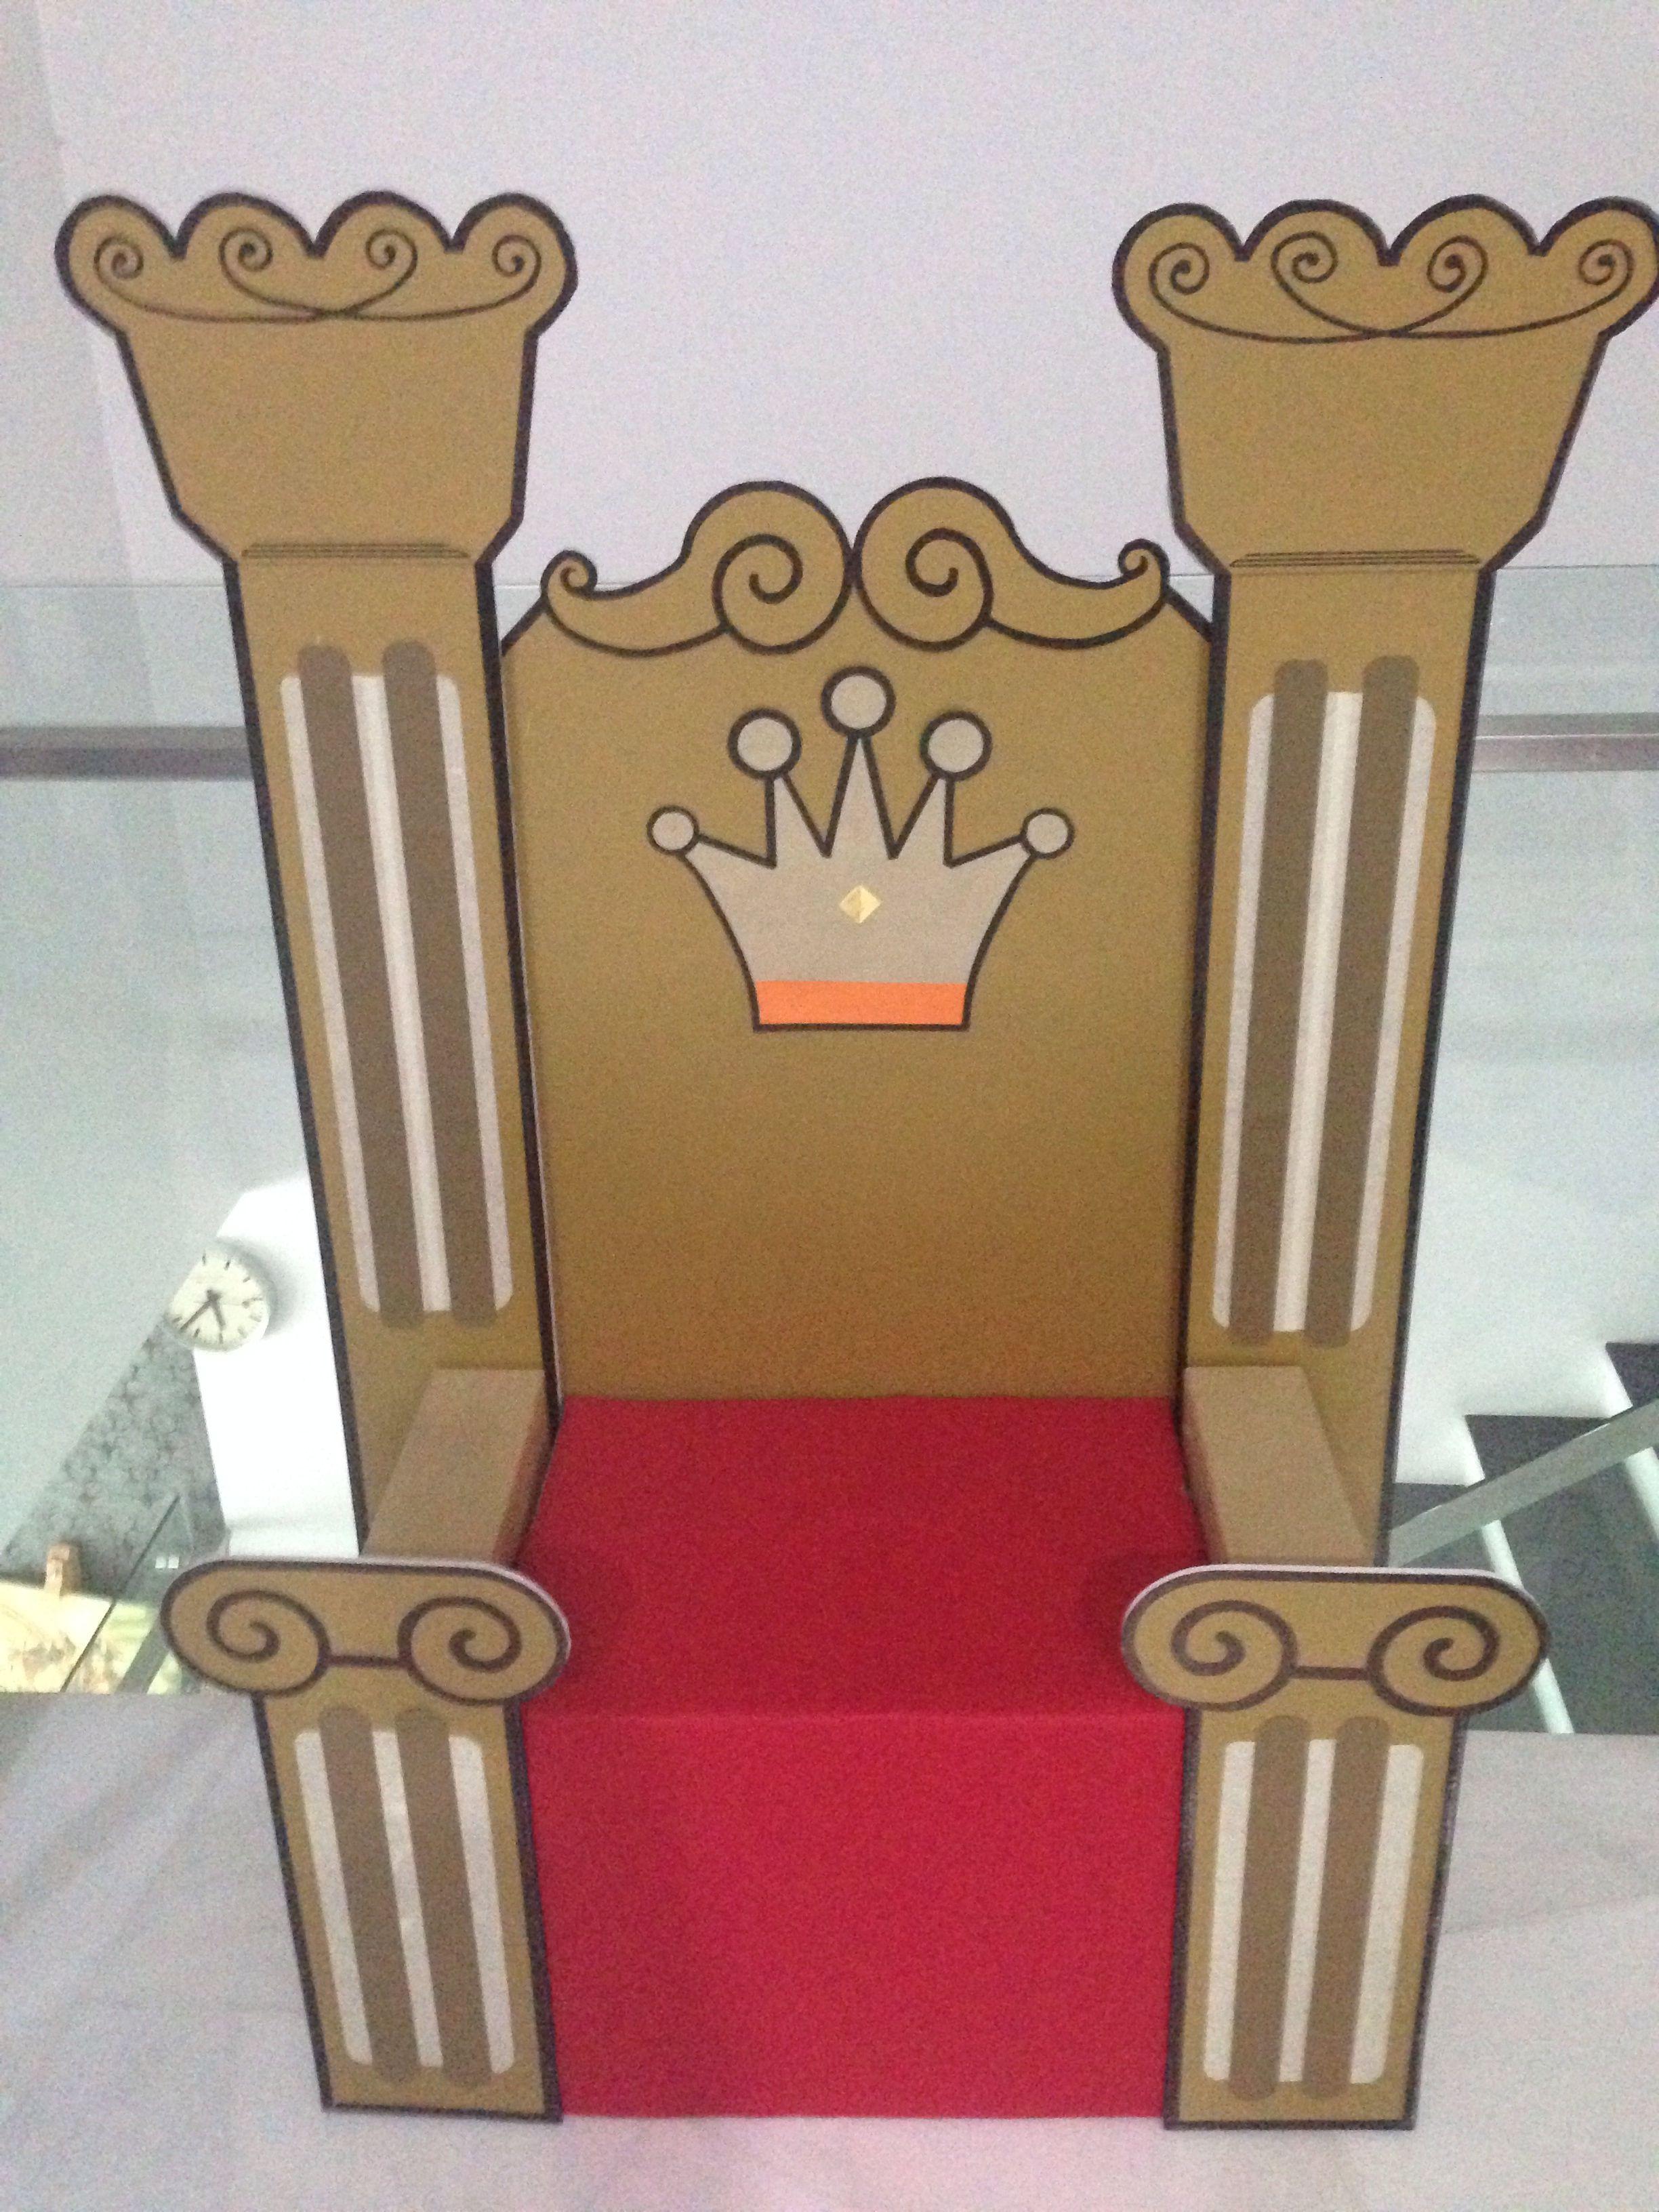 Speech & Drama Props - King Throne Chair  Throne chair, King